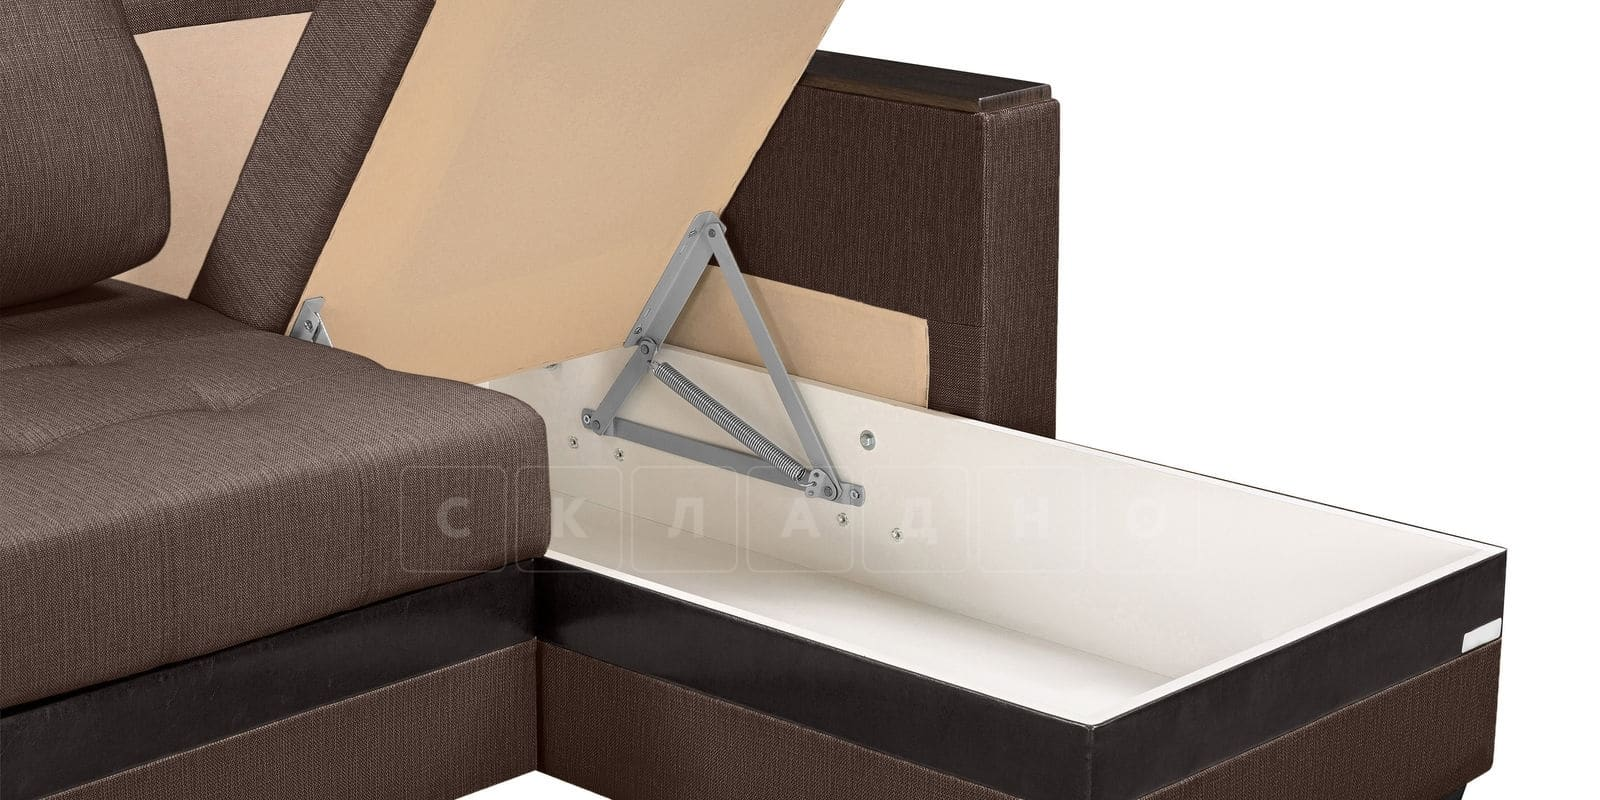 Угловой диван Атланта рогожка коричневого цвета фото 5 | интернет-магазин Складно